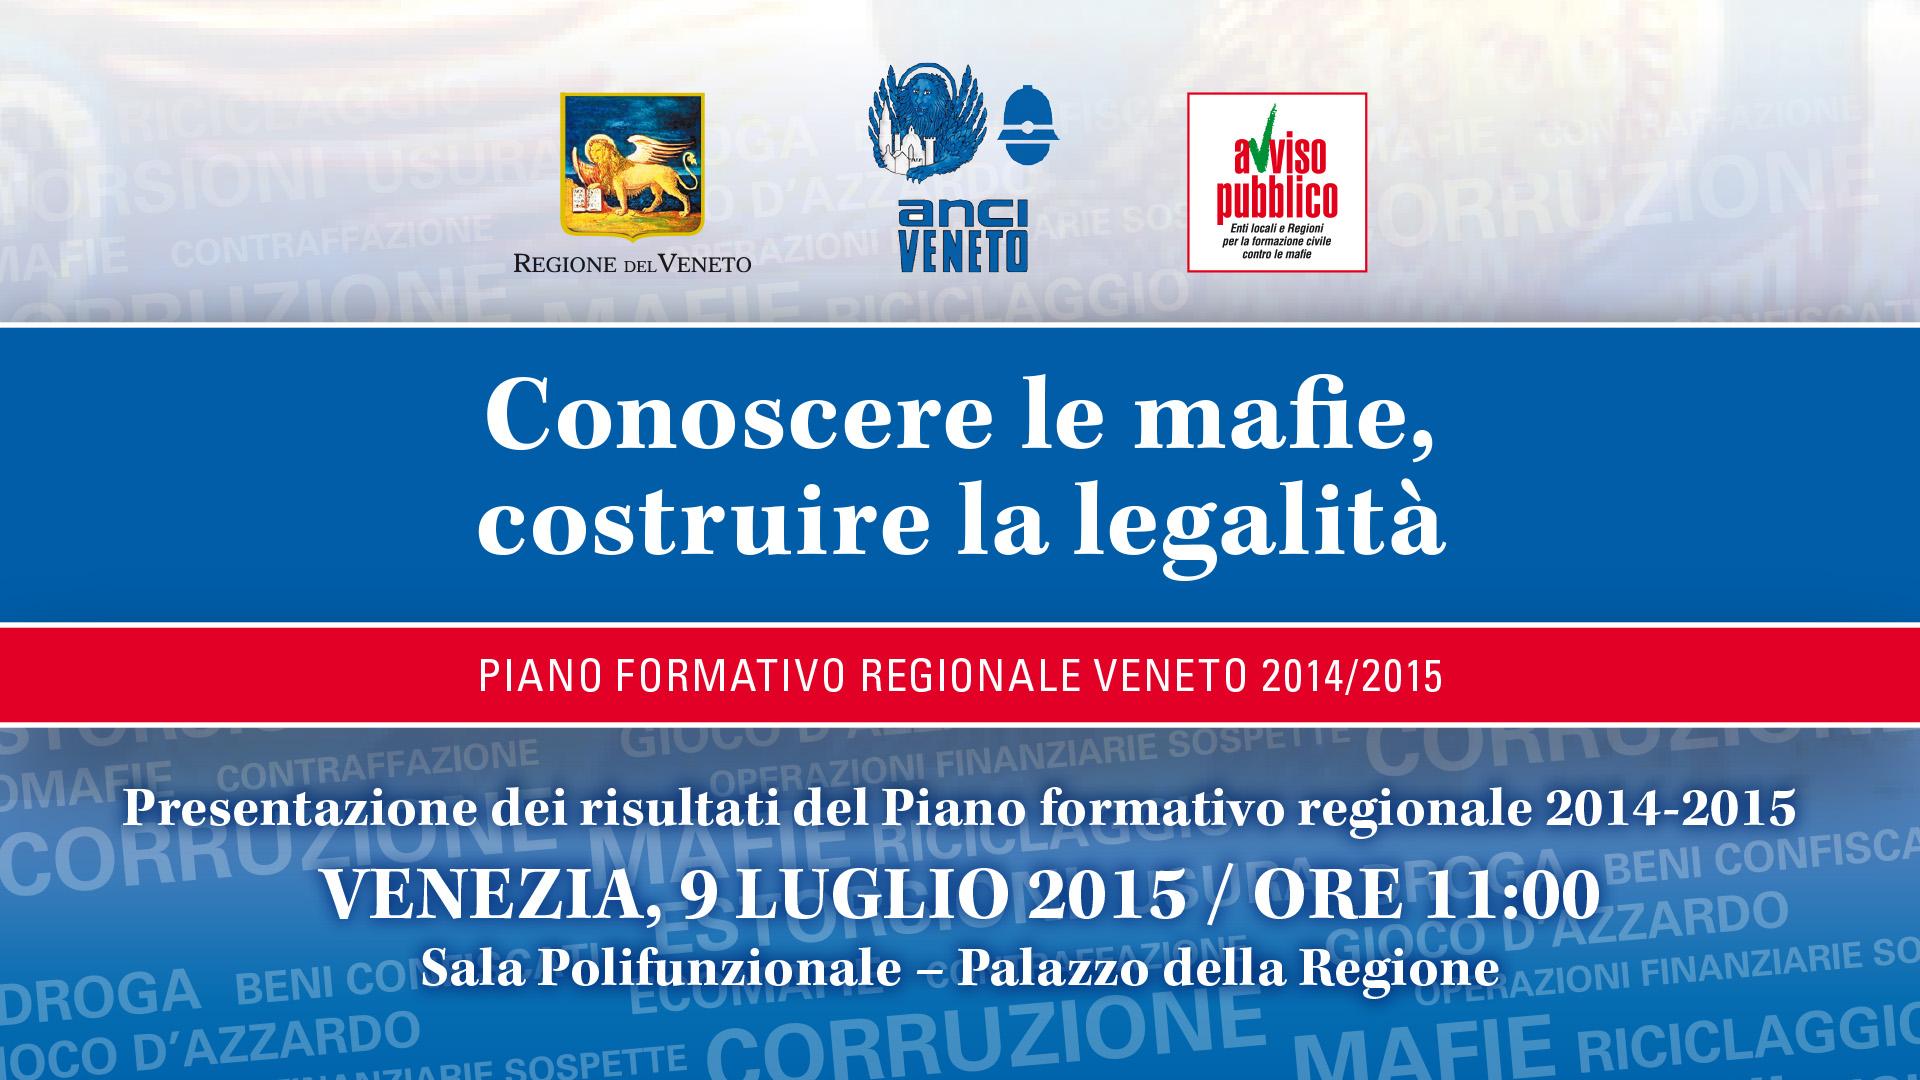 Conoscere le mafie, costruire la legalità – Venezia 9 luglio 2015 ore 11